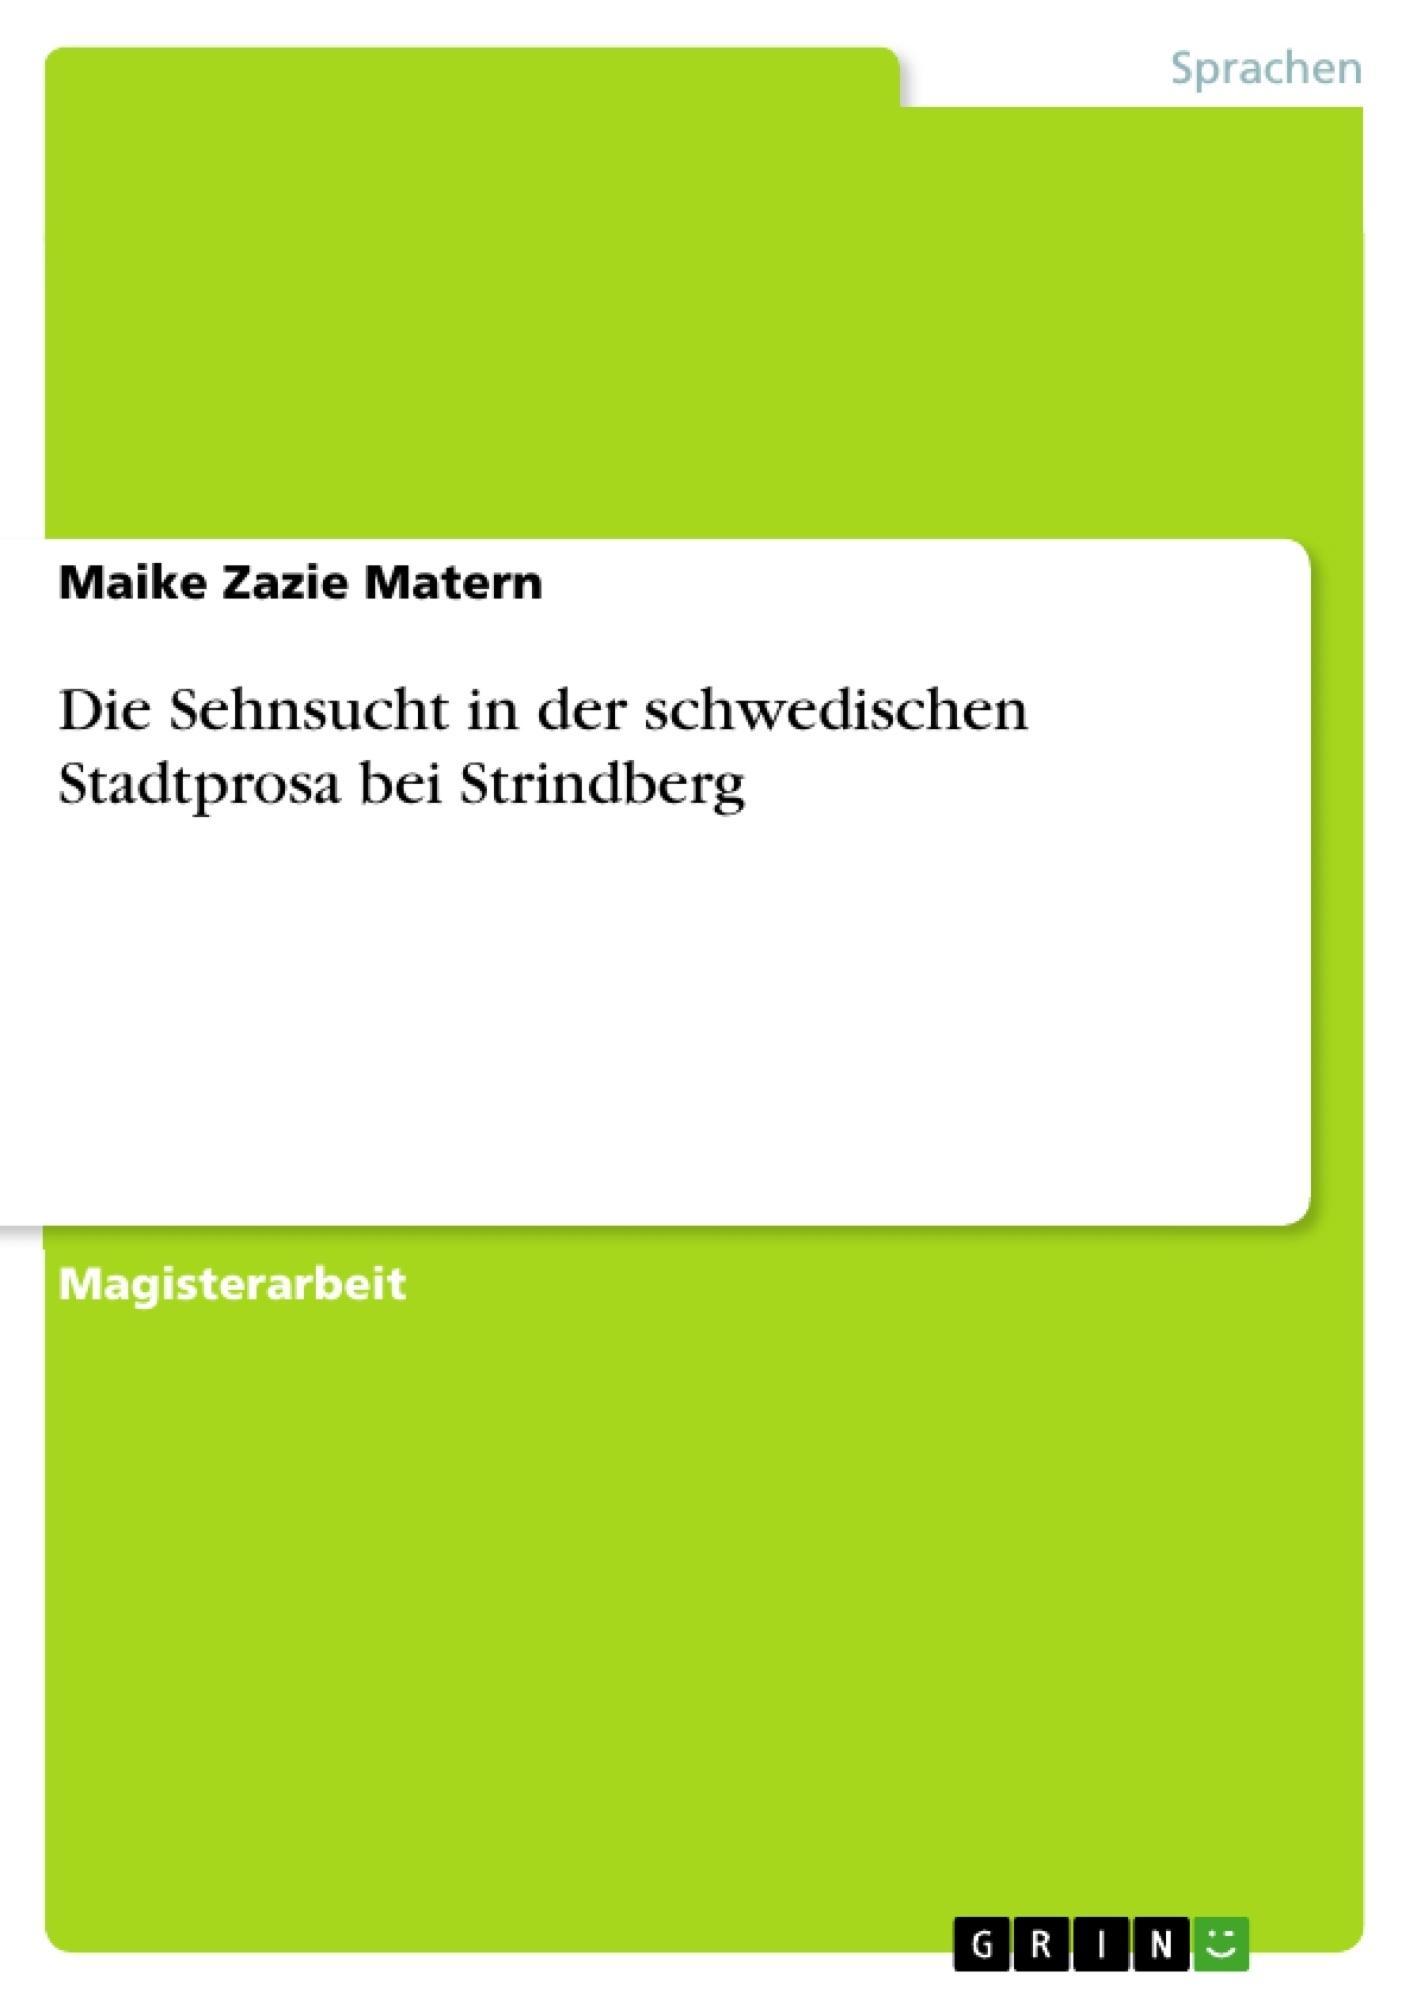 Titel: Die Sehnsucht in der schwedischen Stadtprosa bei Strindberg